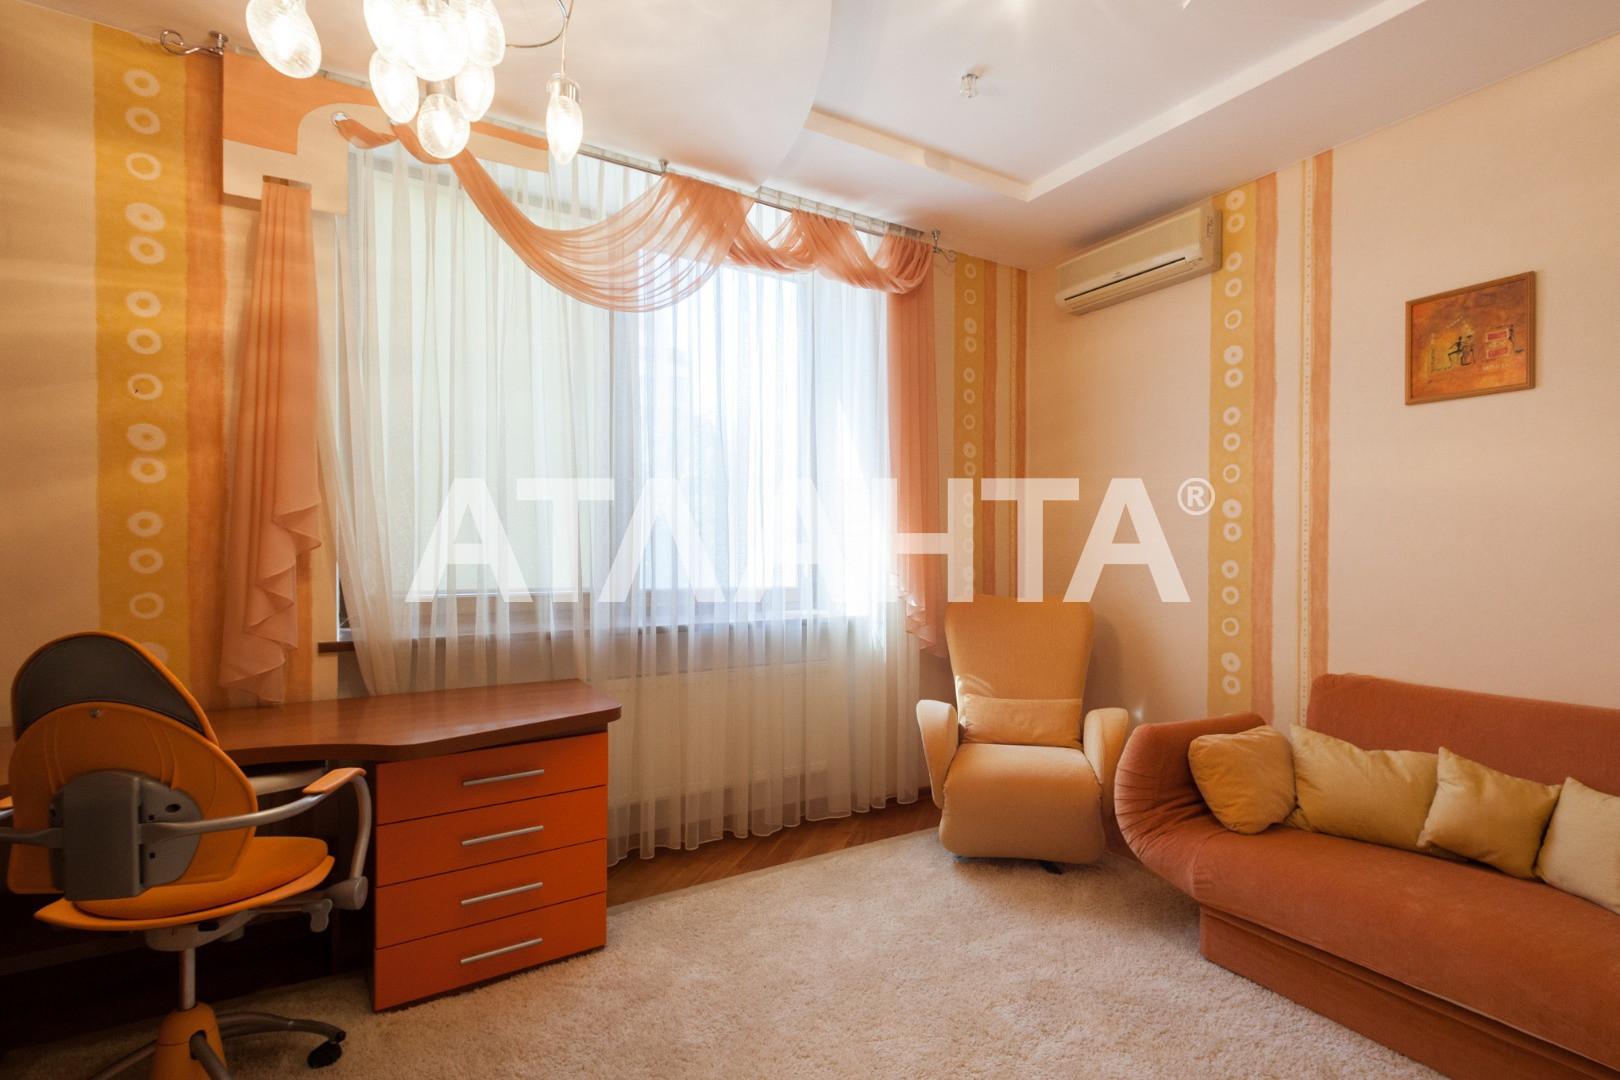 Продается 3-комнатная Квартира на ул. Педагогический Пер. — 195 000 у.е. (фото №4)